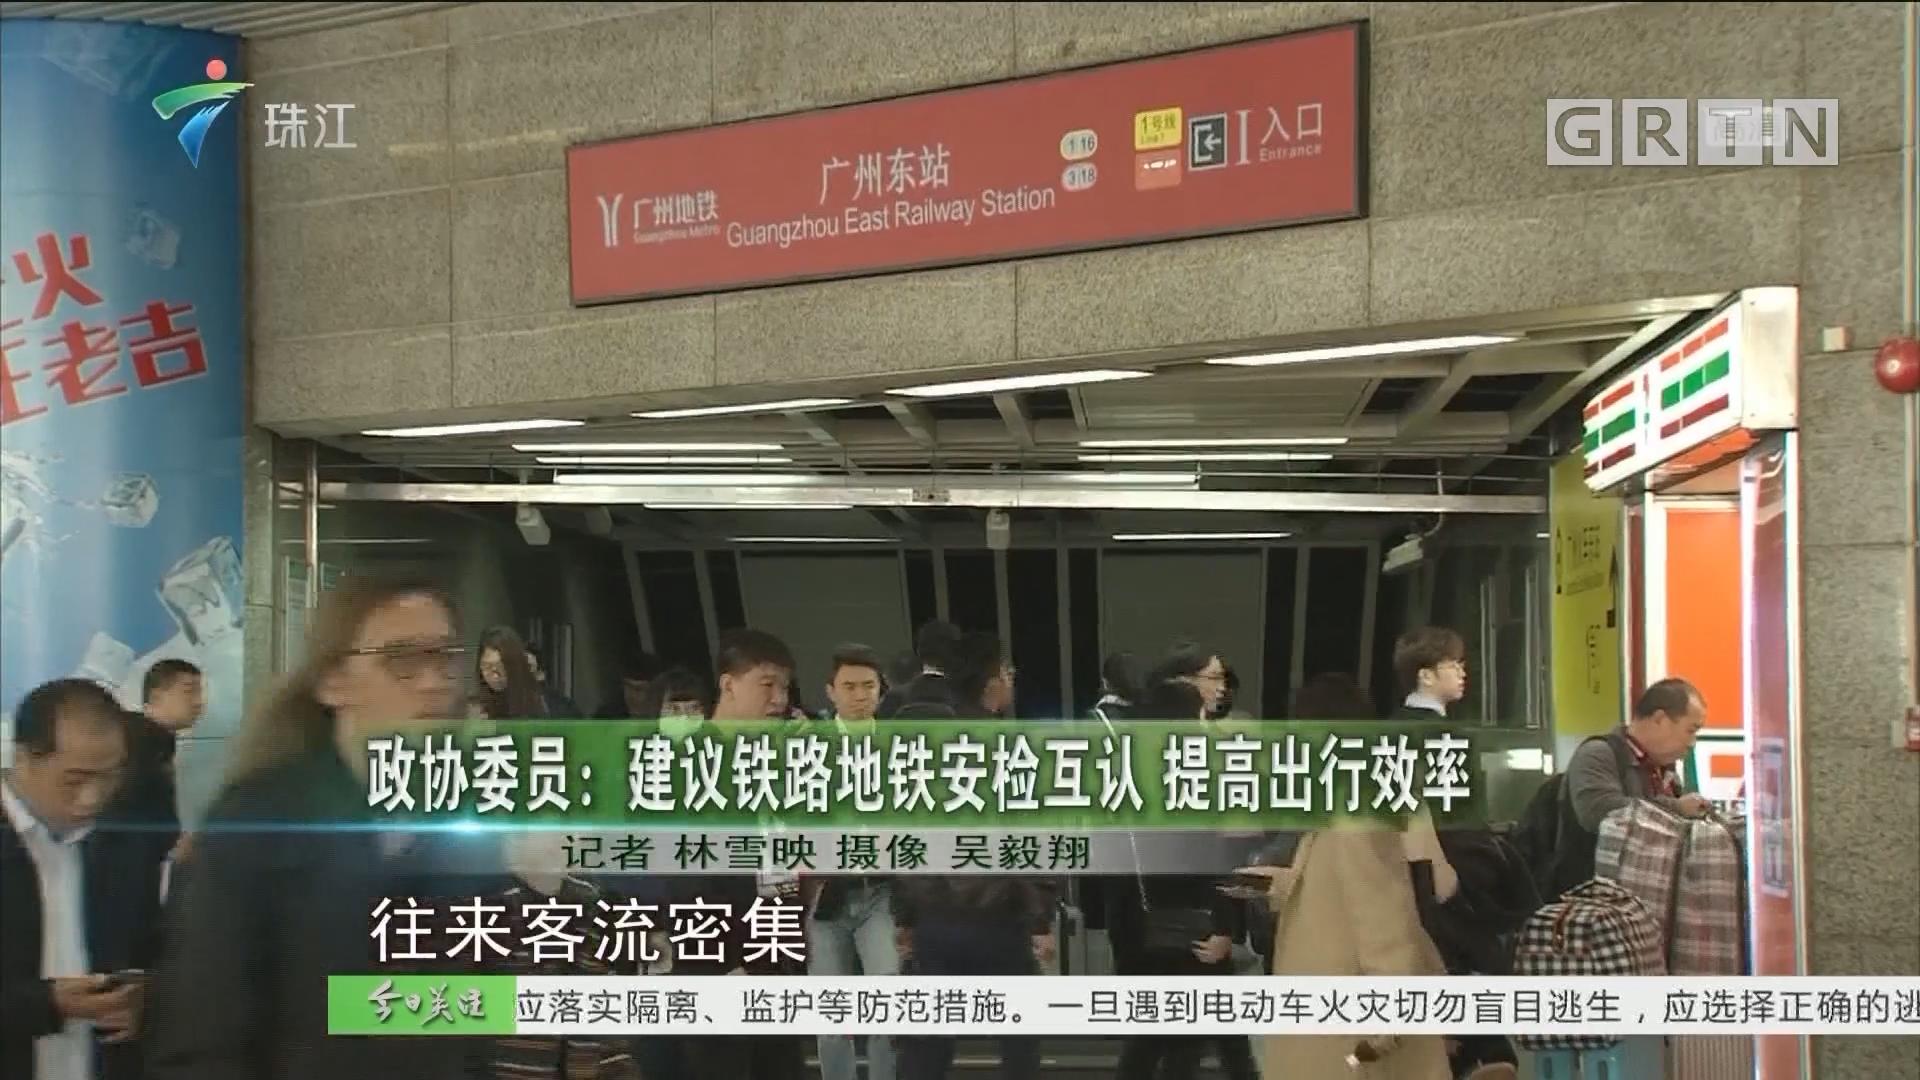 政协委员:建设铁路地铁安检互认 提高出行效率